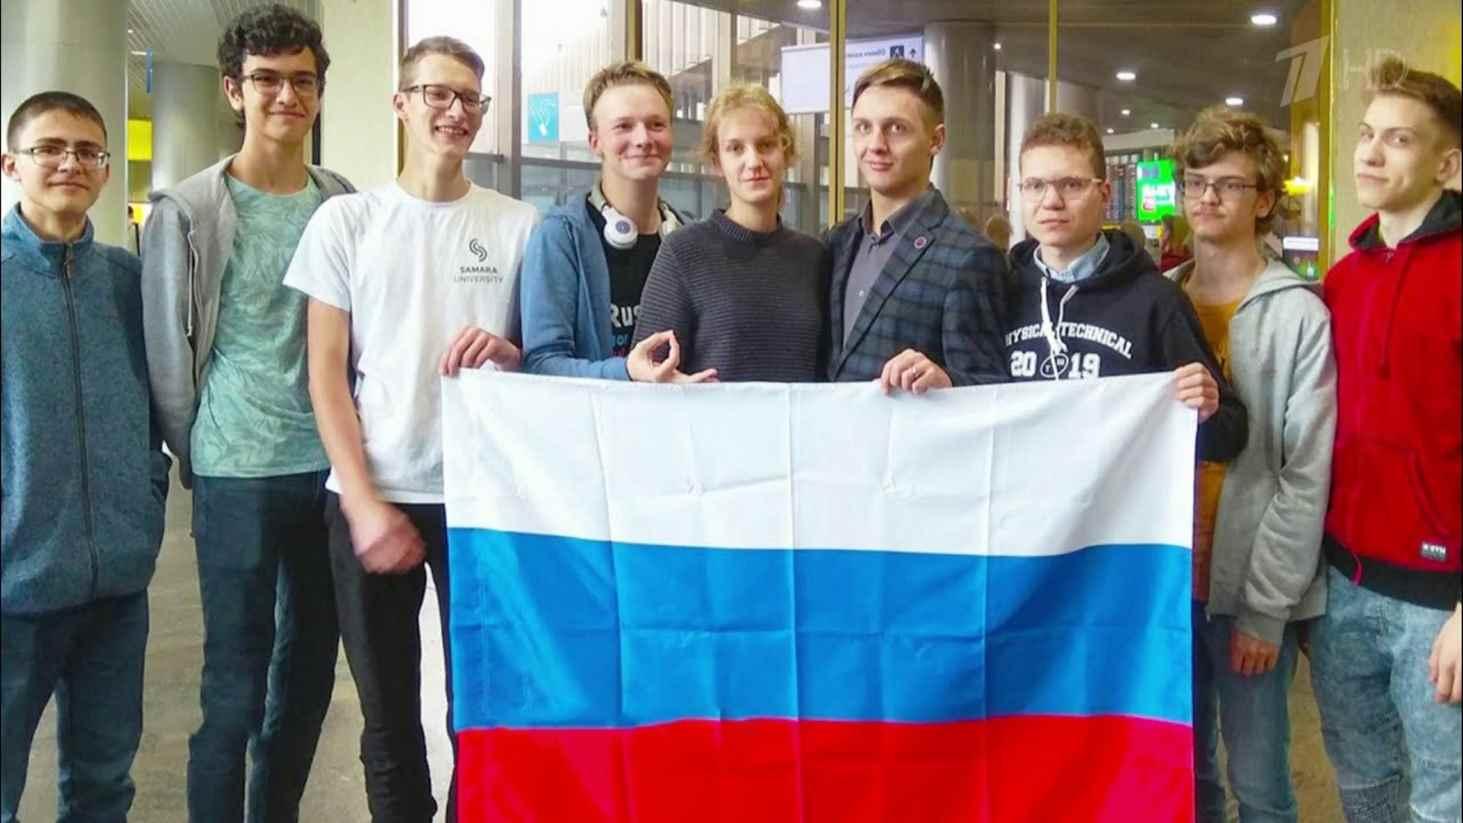 rossijskie-shkolniki-zavoevali-pyat-medalej-na-mezhdunarodnoj-olimpiade-po-astronomii-i-astrofizike